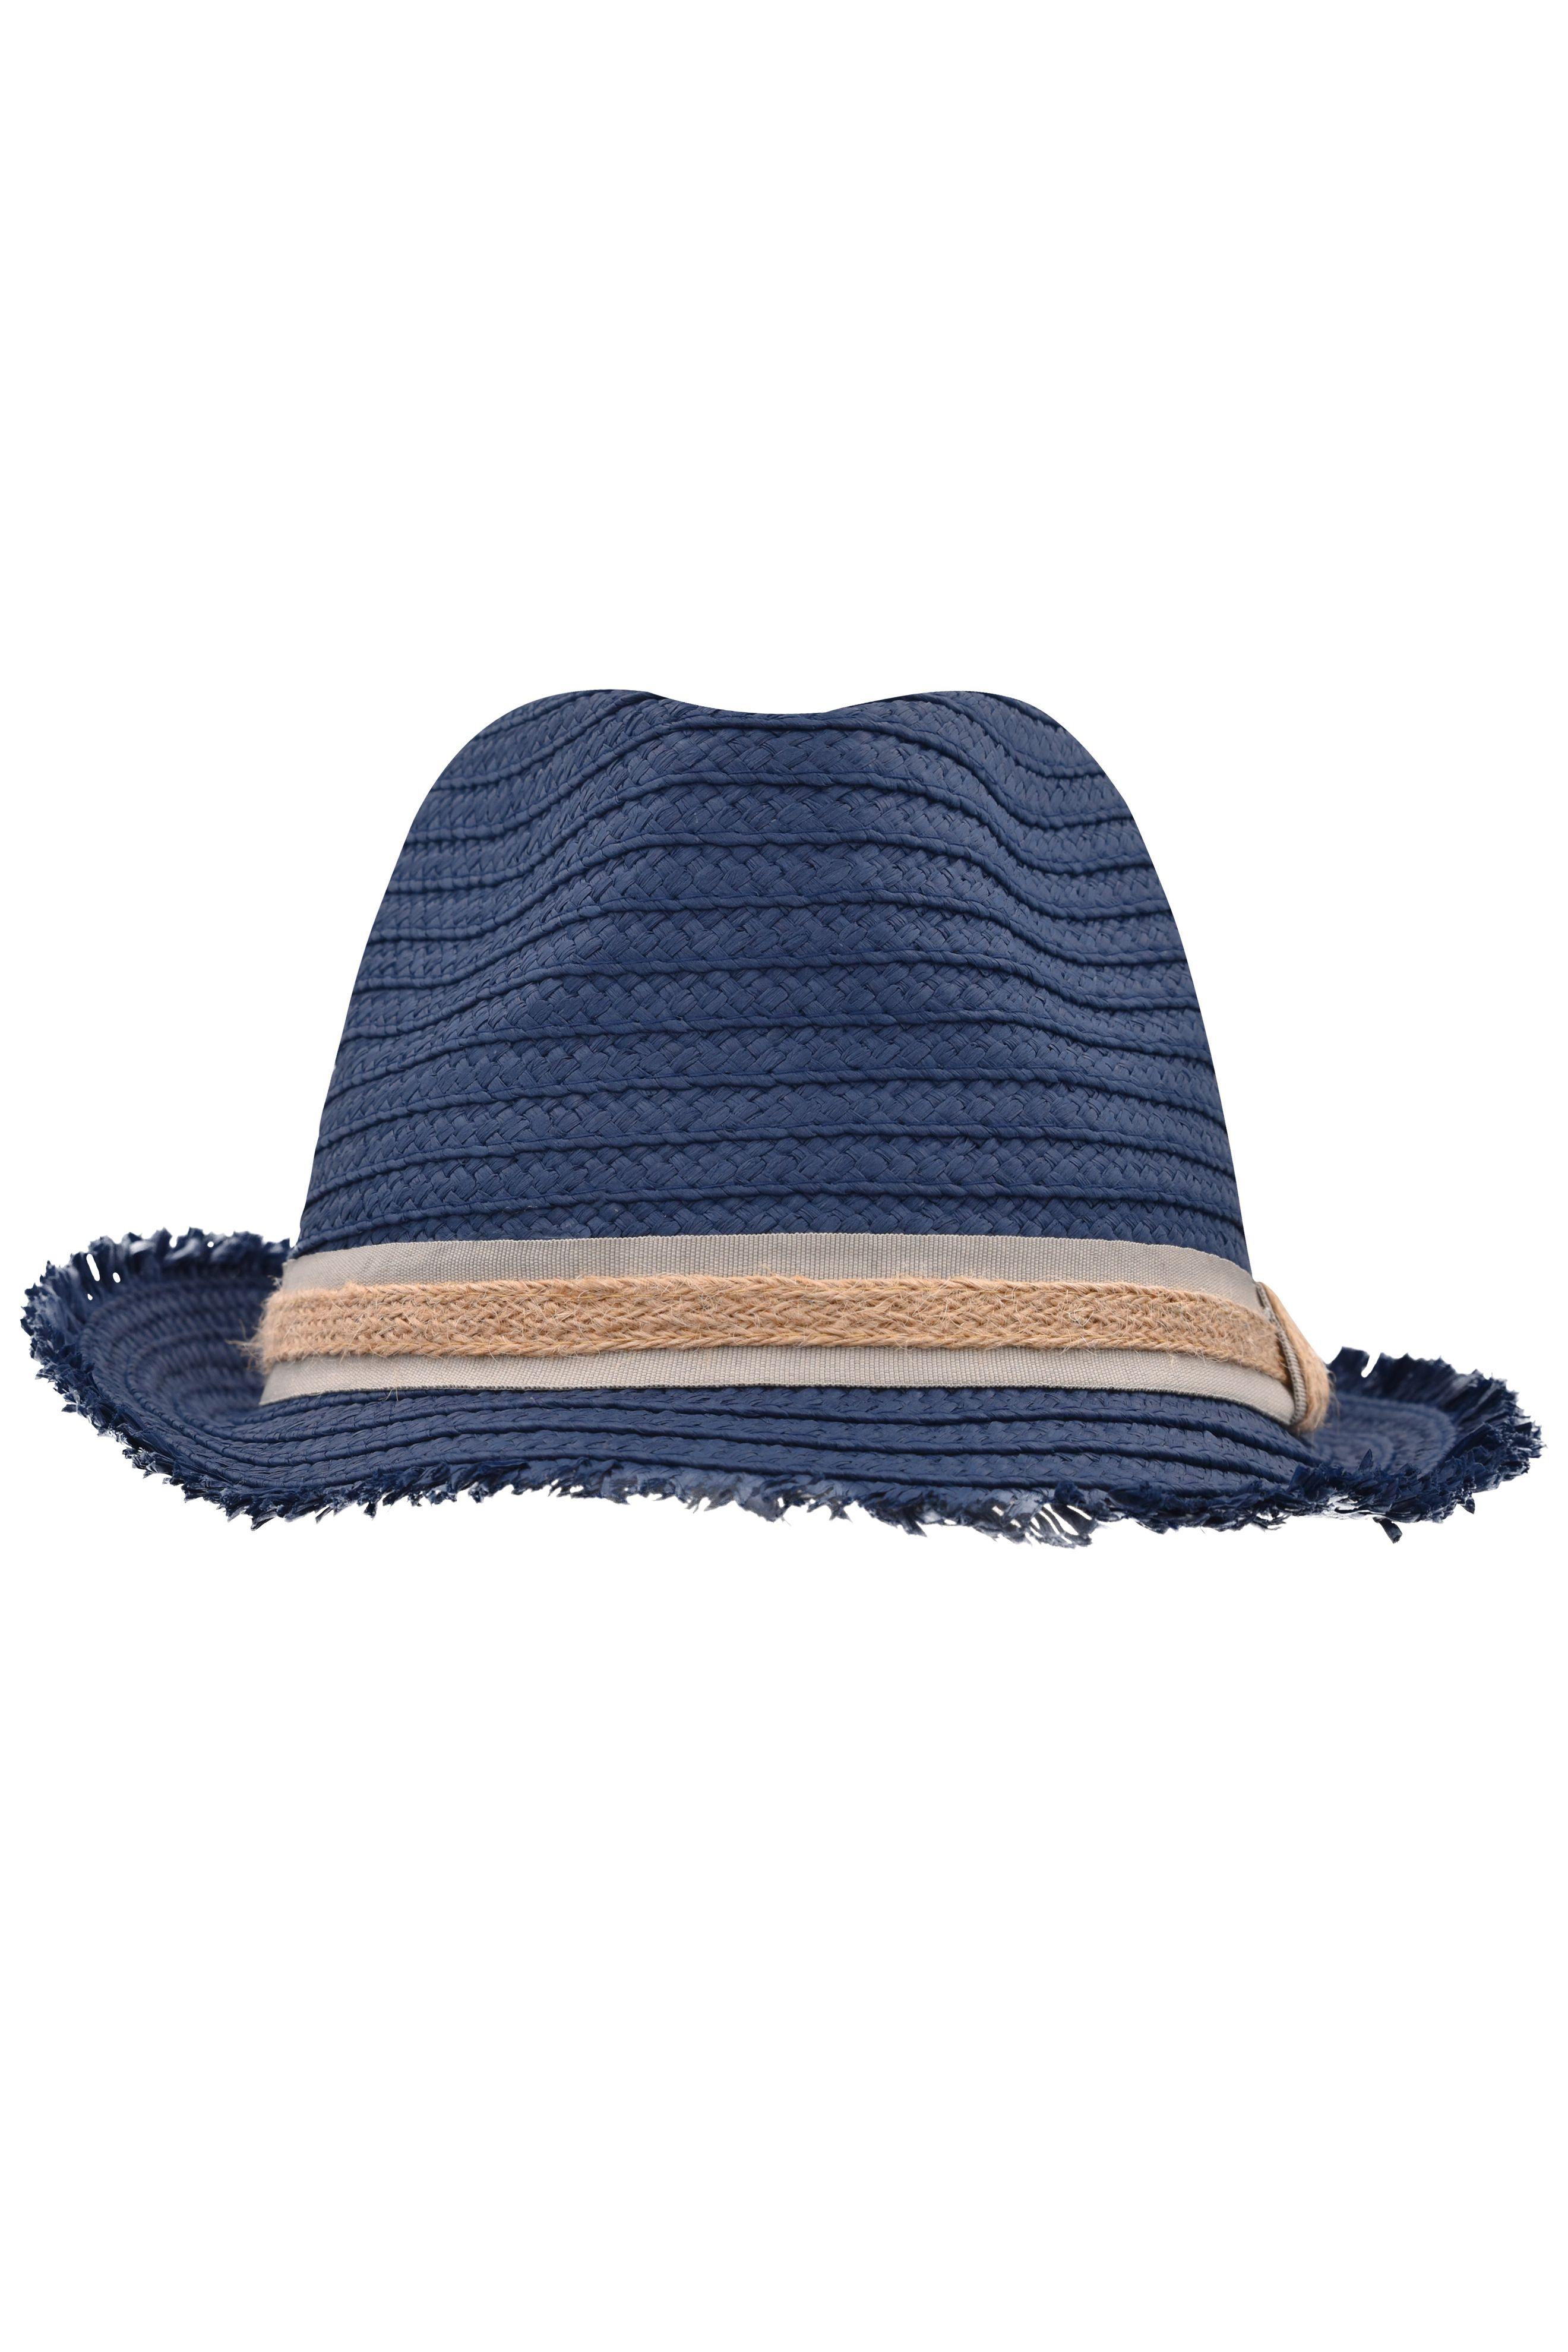 Trendstarker Hut mit modischer Fransenkrempe